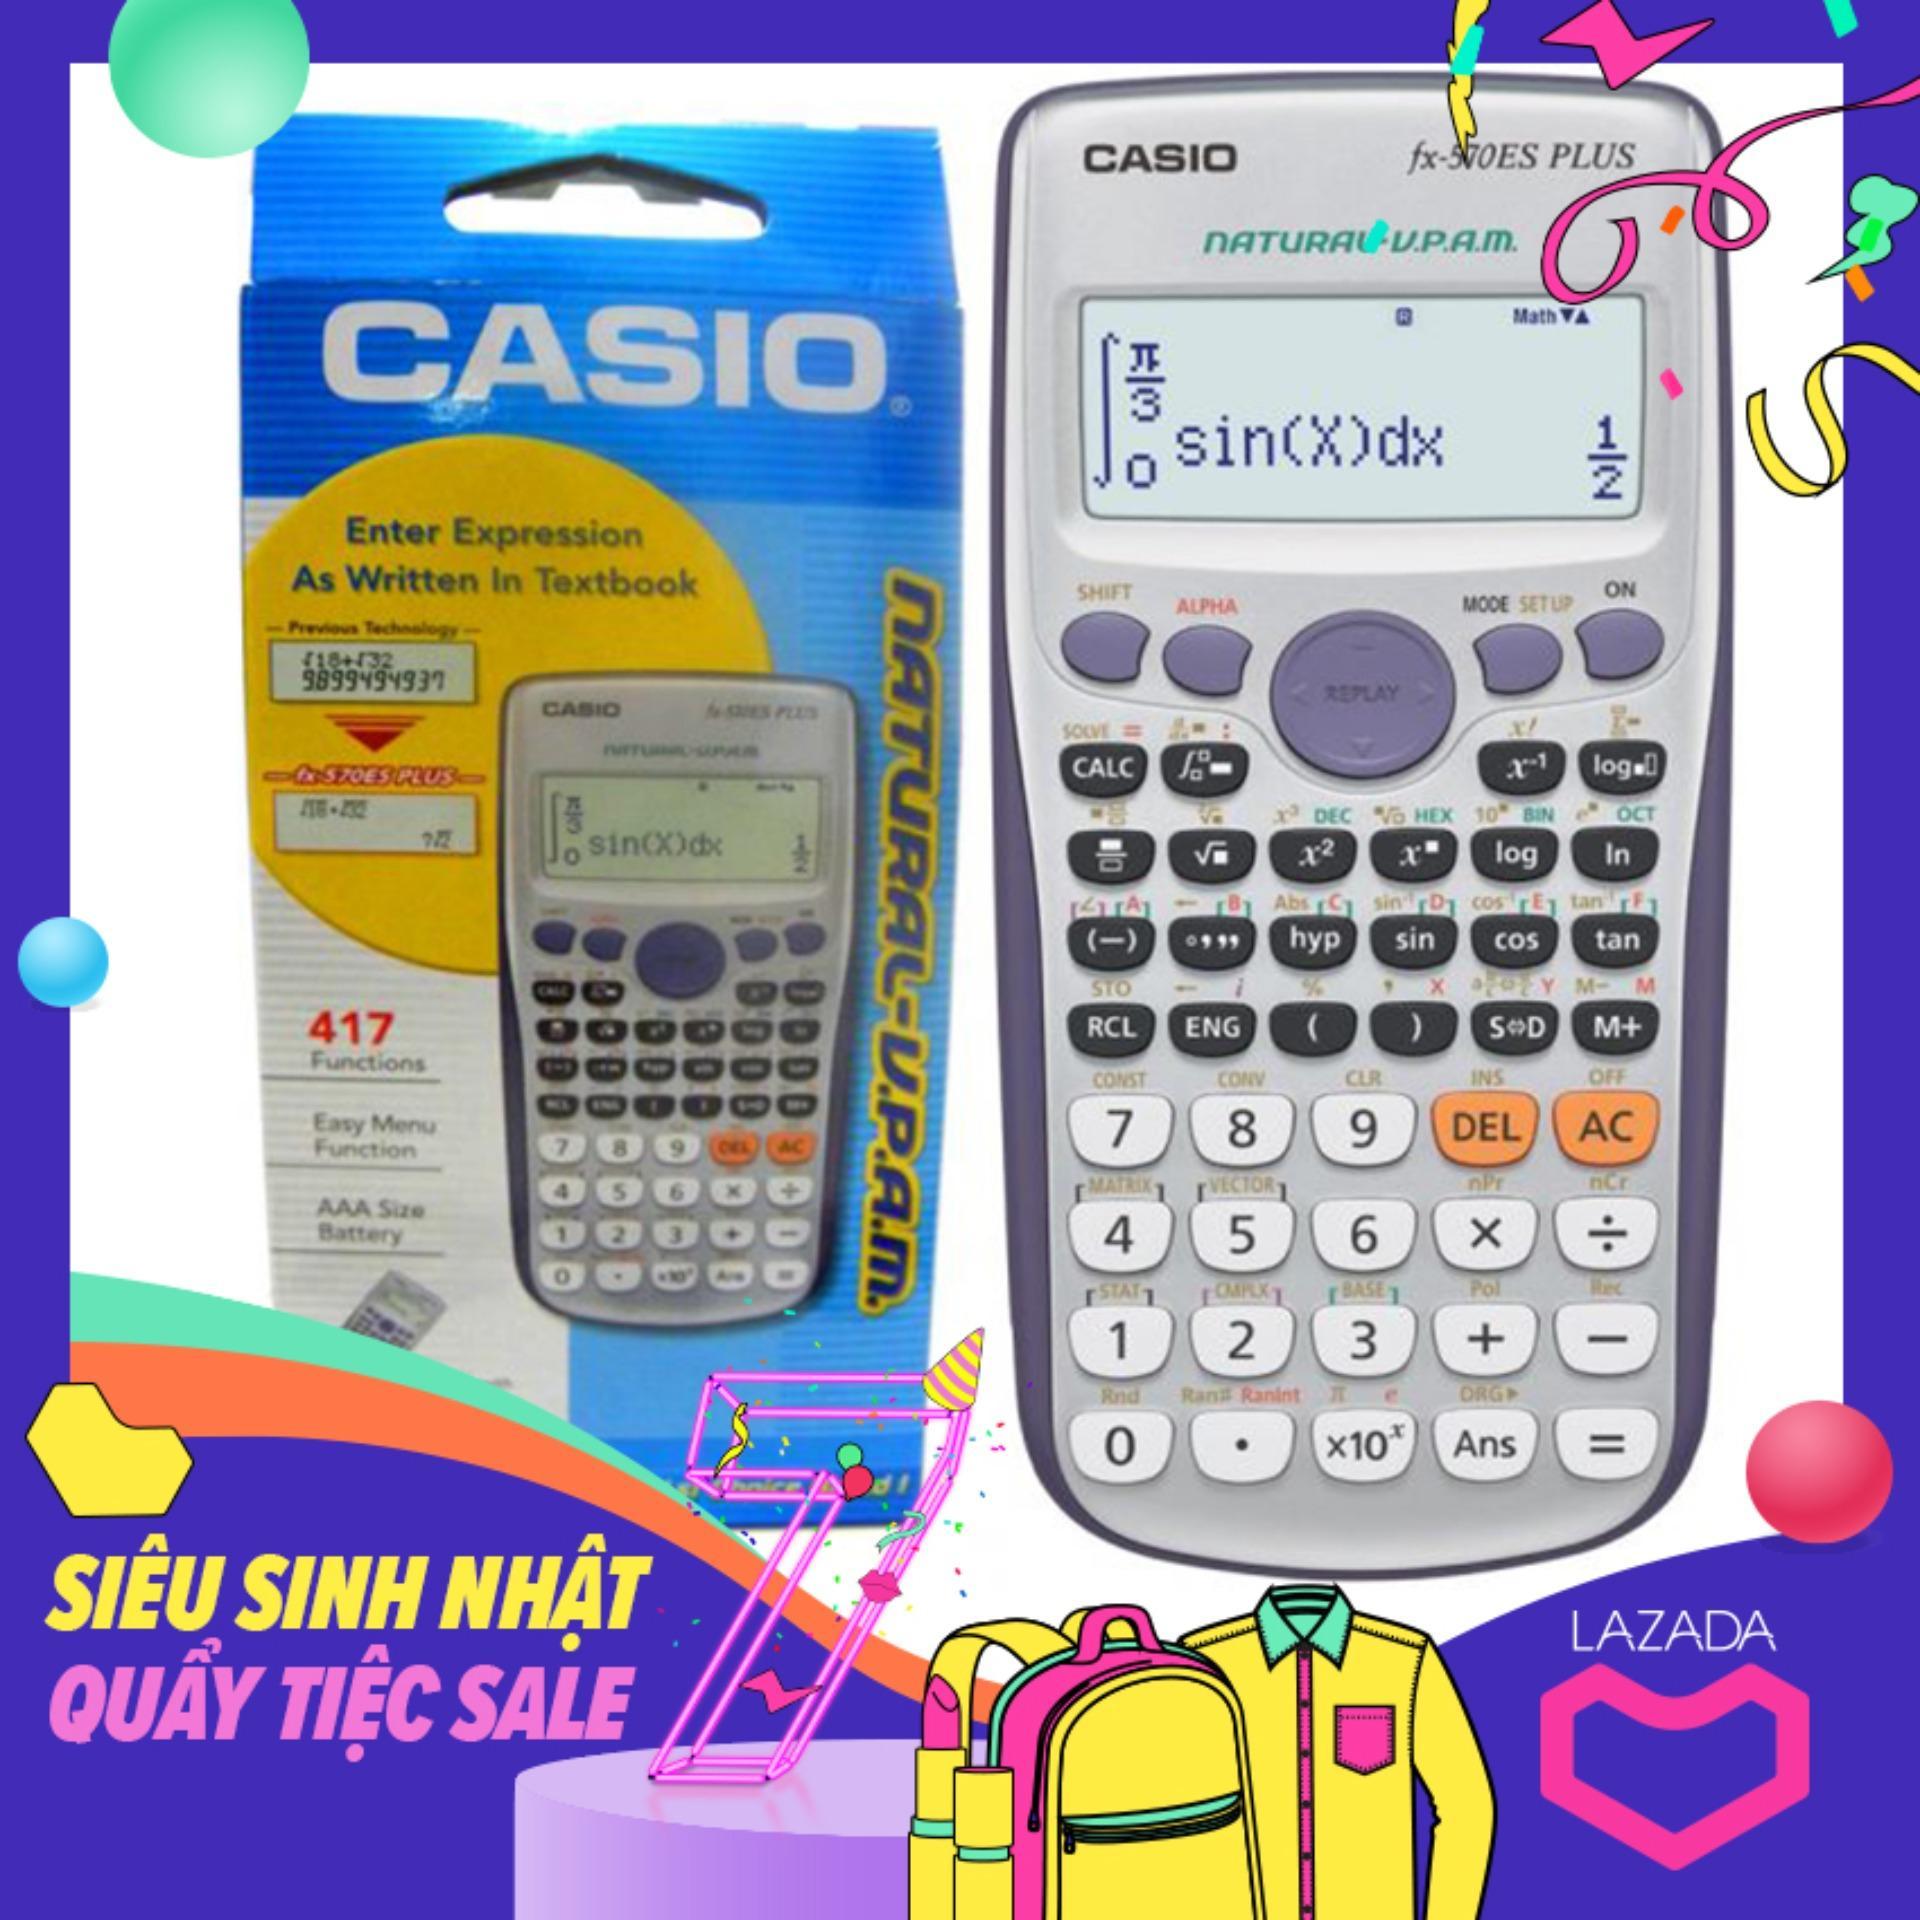 Mua Casio FX570 ES Plus - Bảo Hành 2 Năm